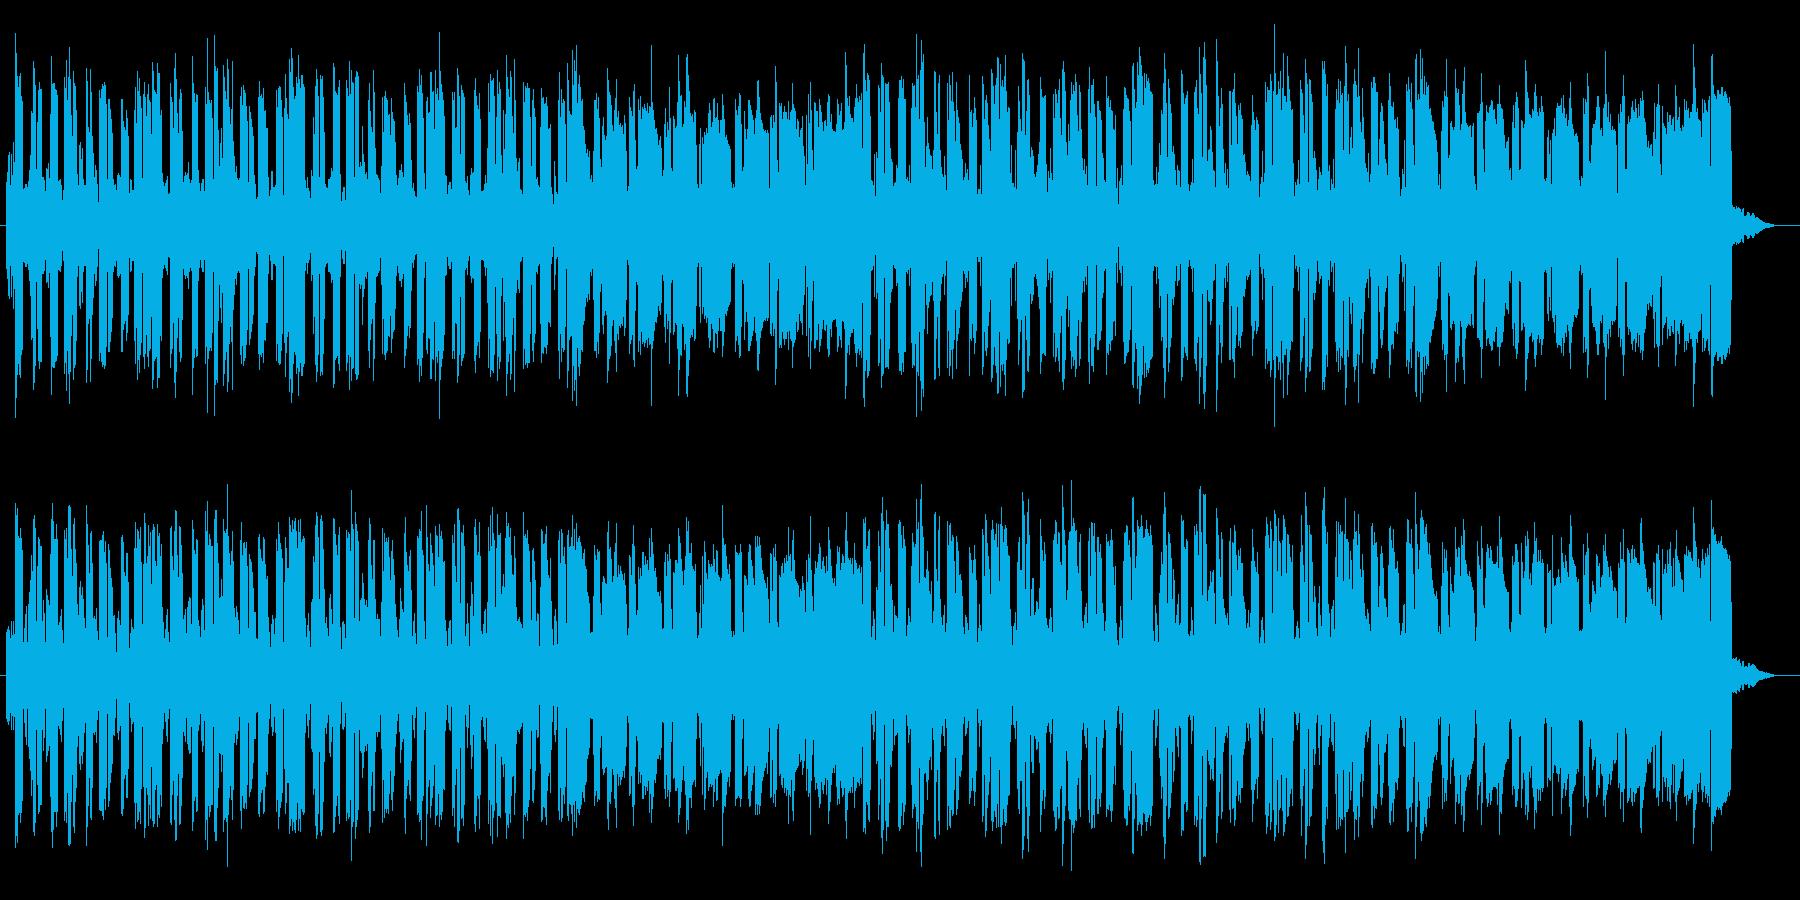 壮大なイメージのミュージックの再生済みの波形